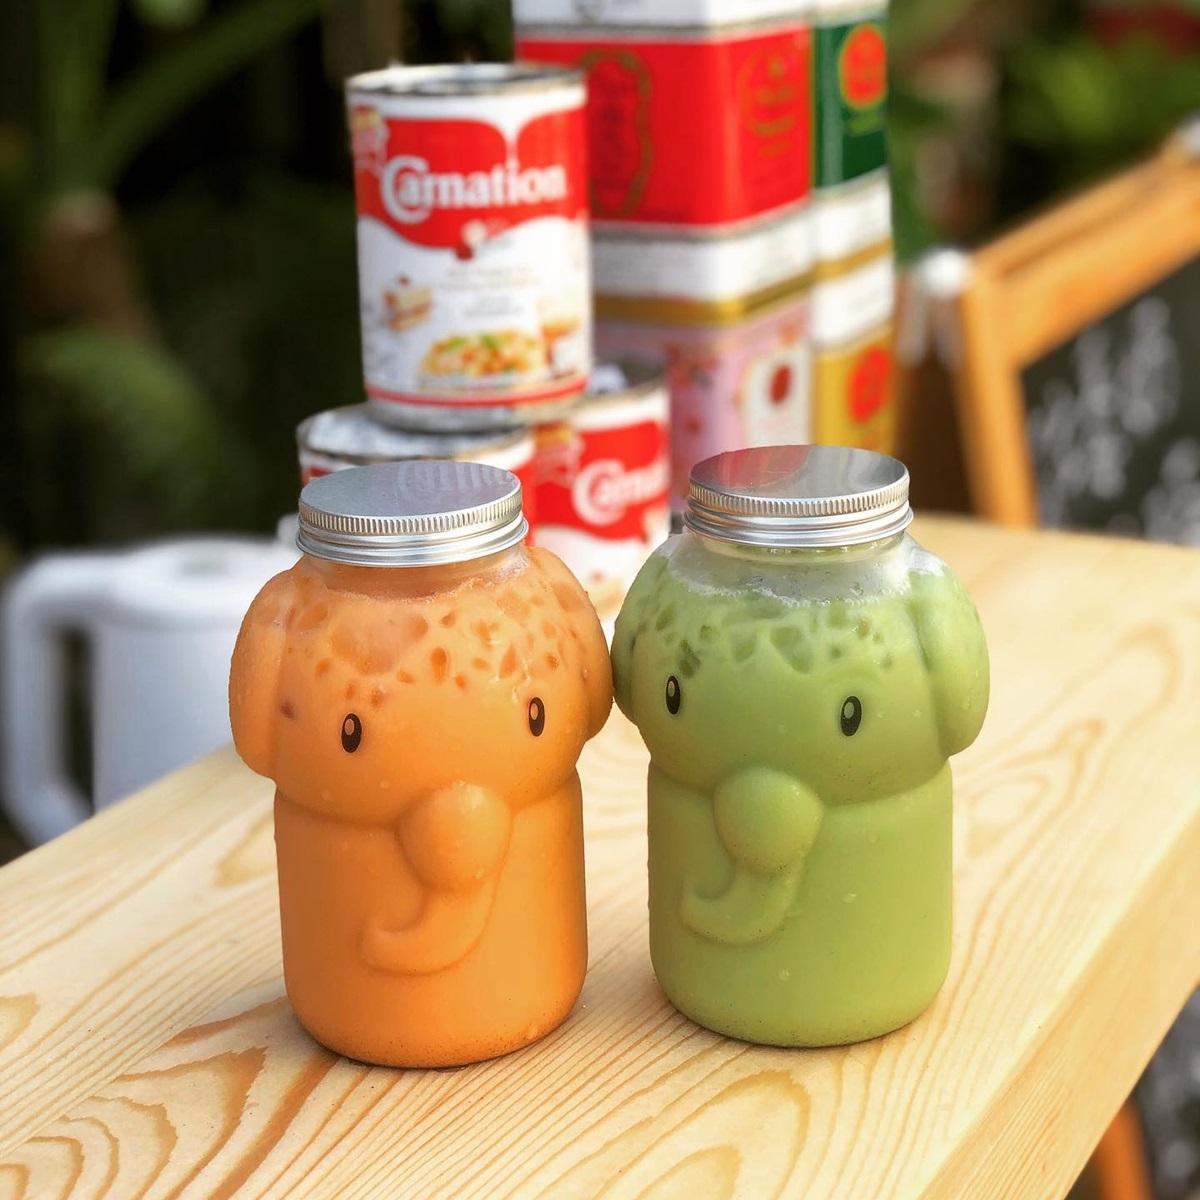 不只小鮮肉奶茶!最新台南「大象瓶泰奶」,粉紅蘇打、玫瑰奶等7種口味可喝